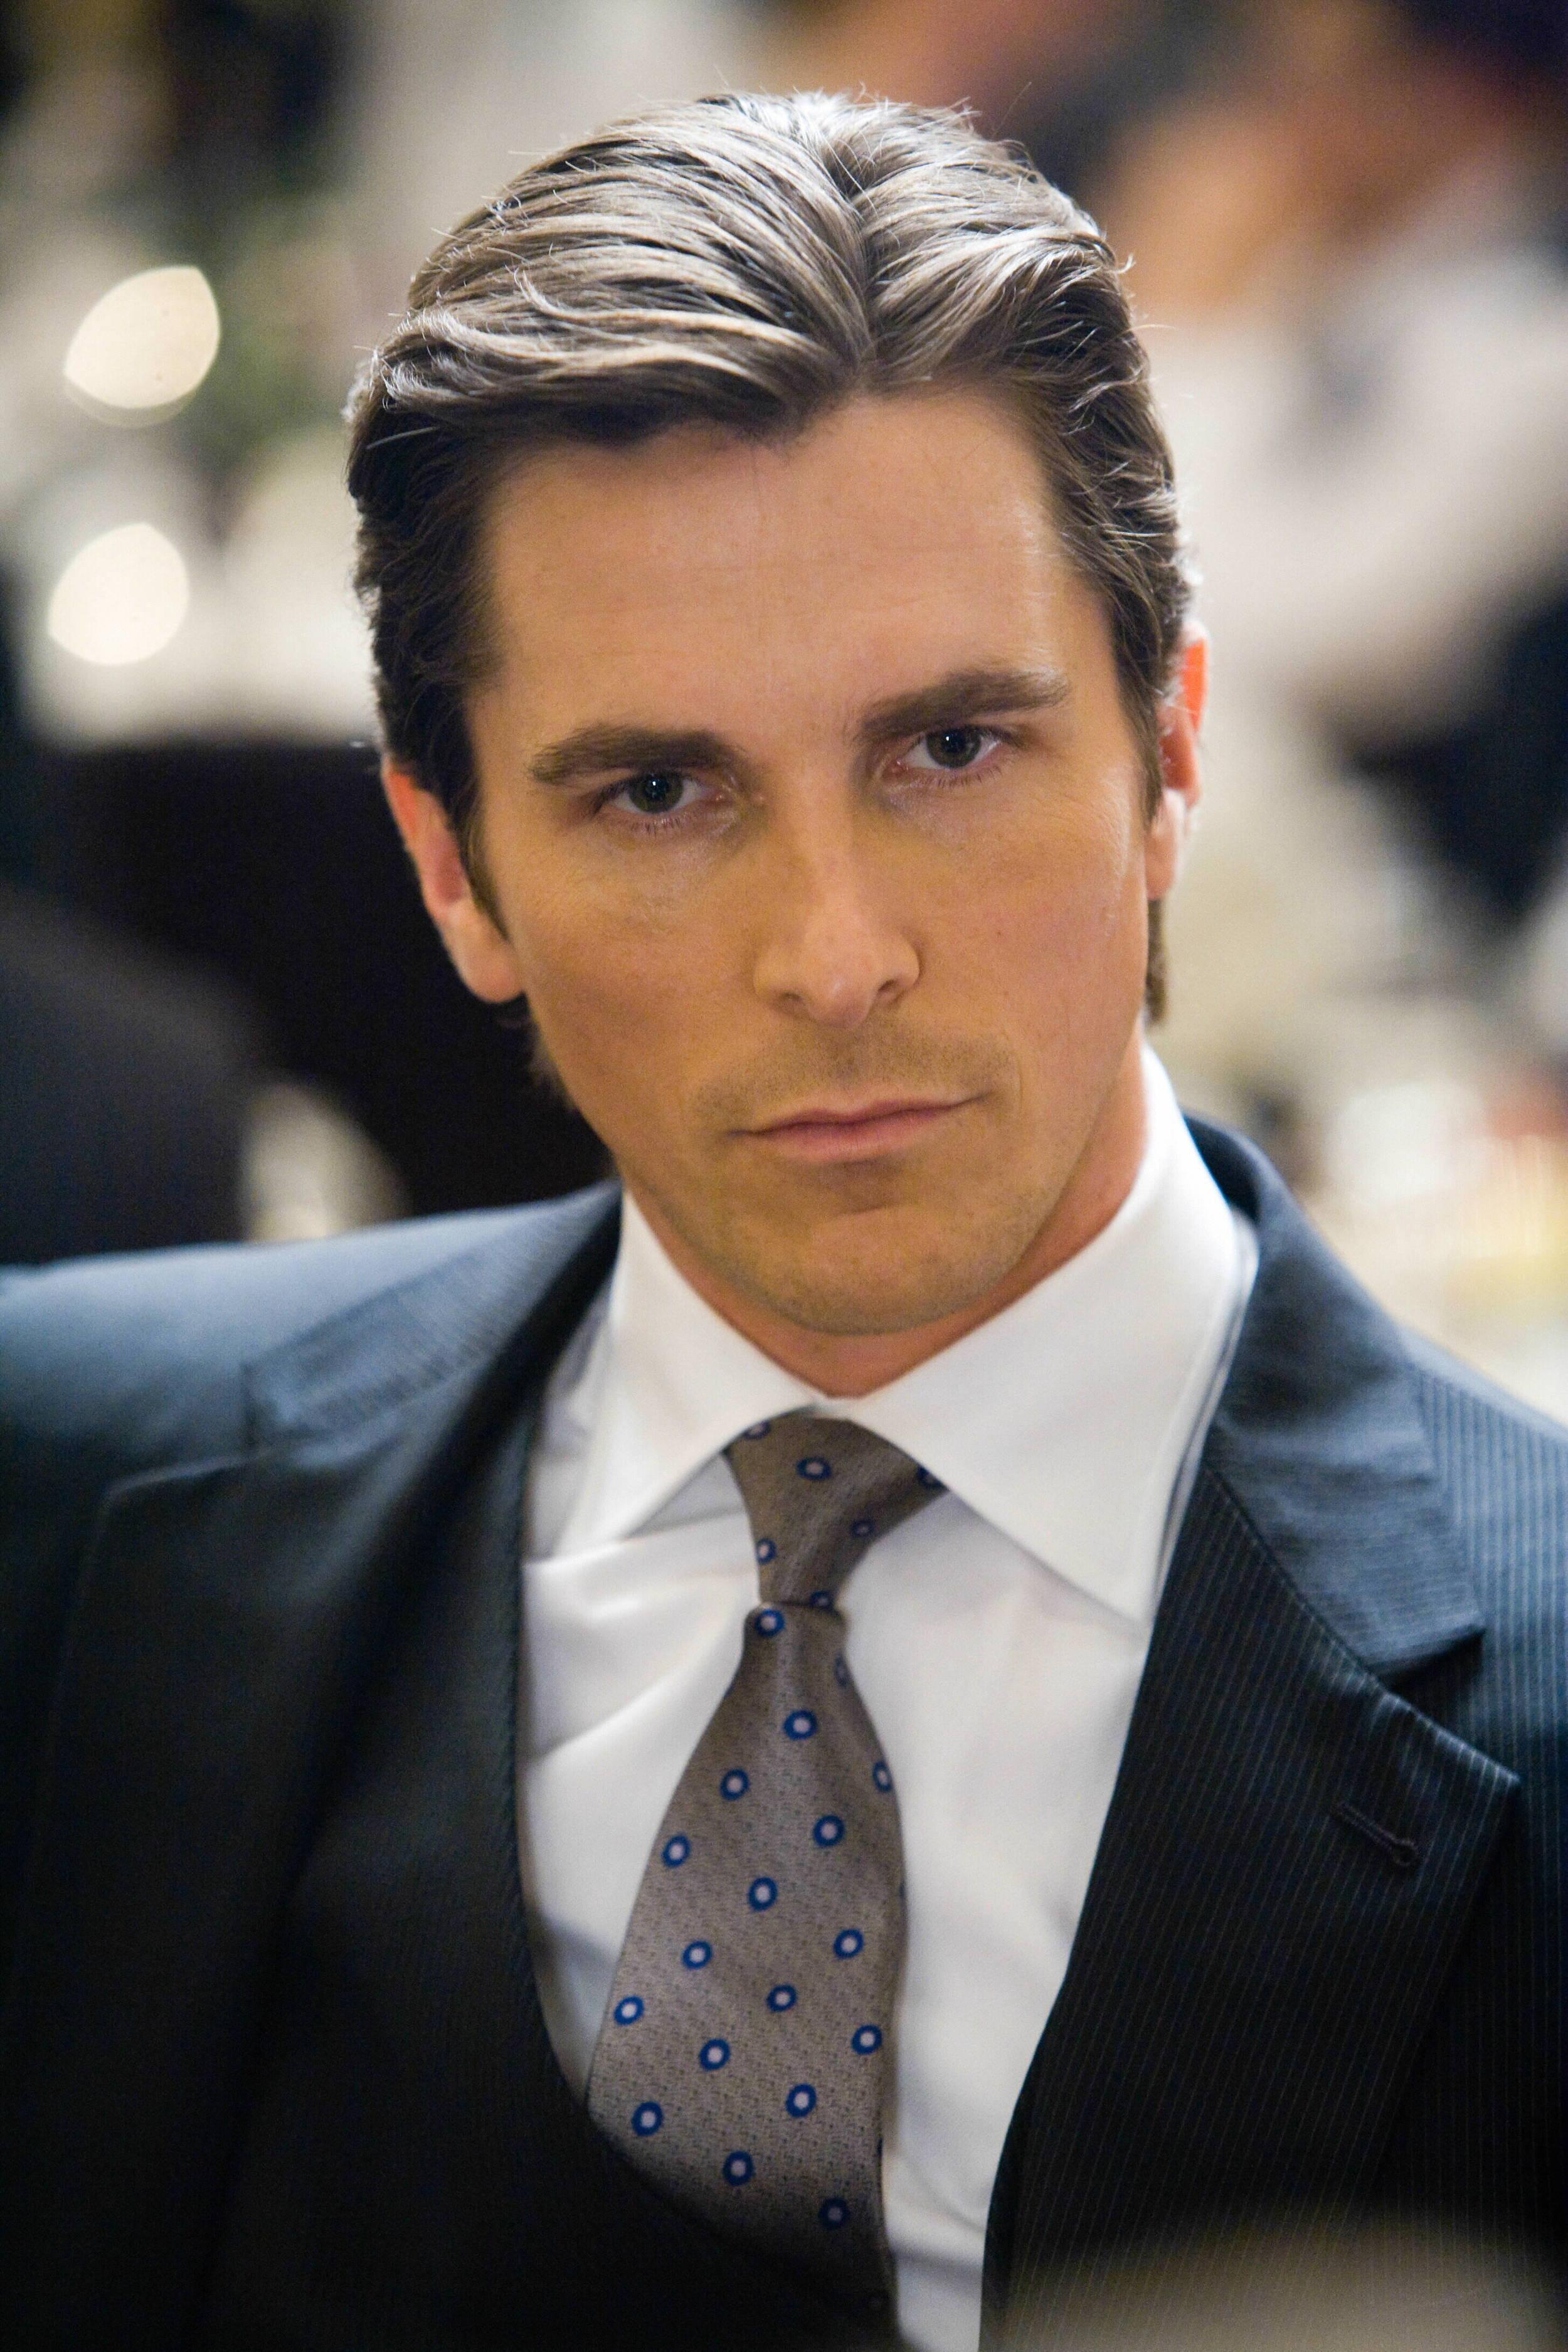 Christian Bale from Dark Knight movie still